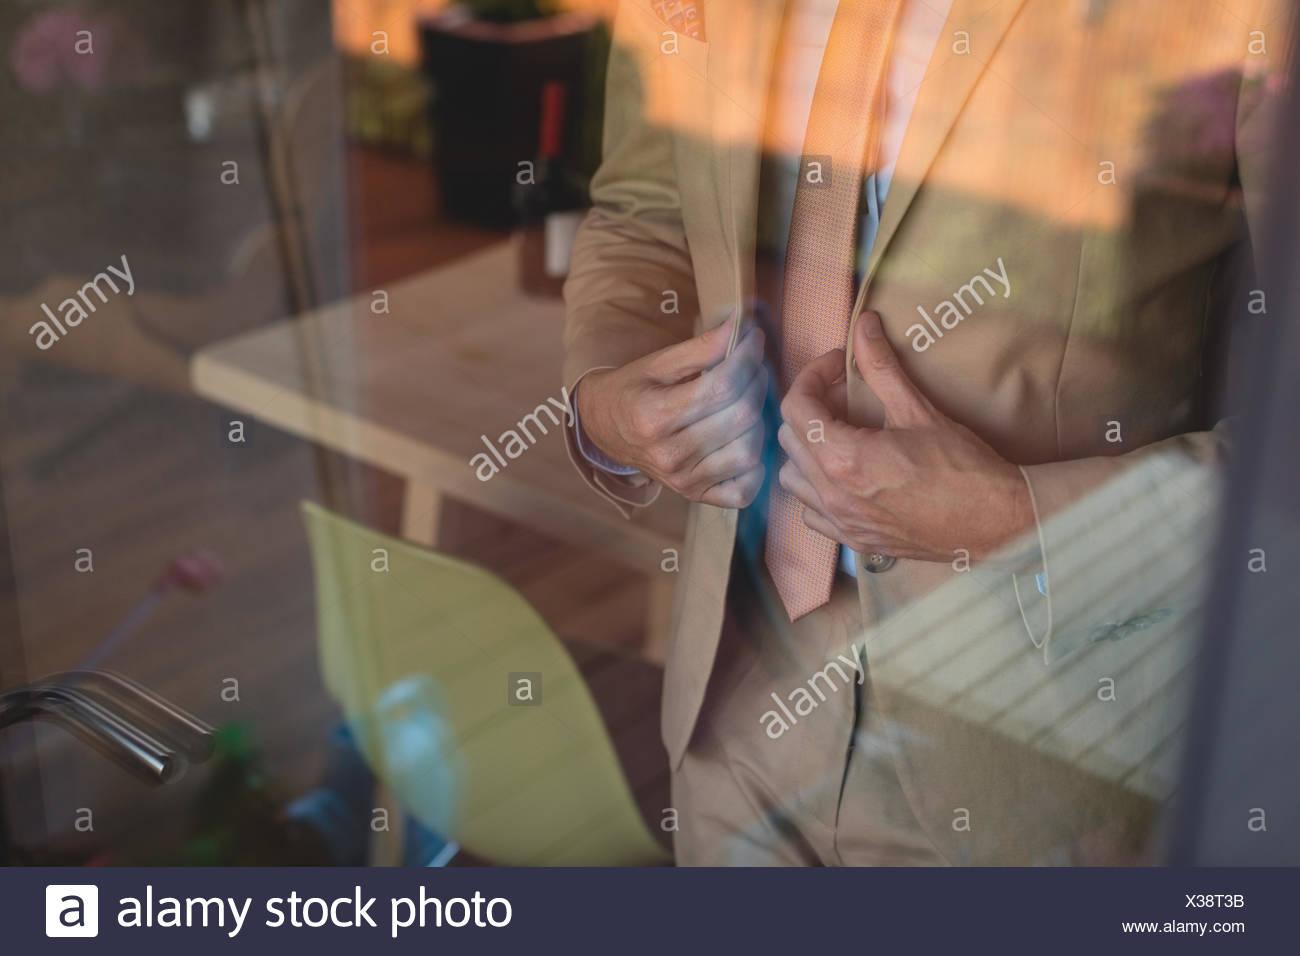 Hombre vestido con su chaqueta en casa Imagen De Stock